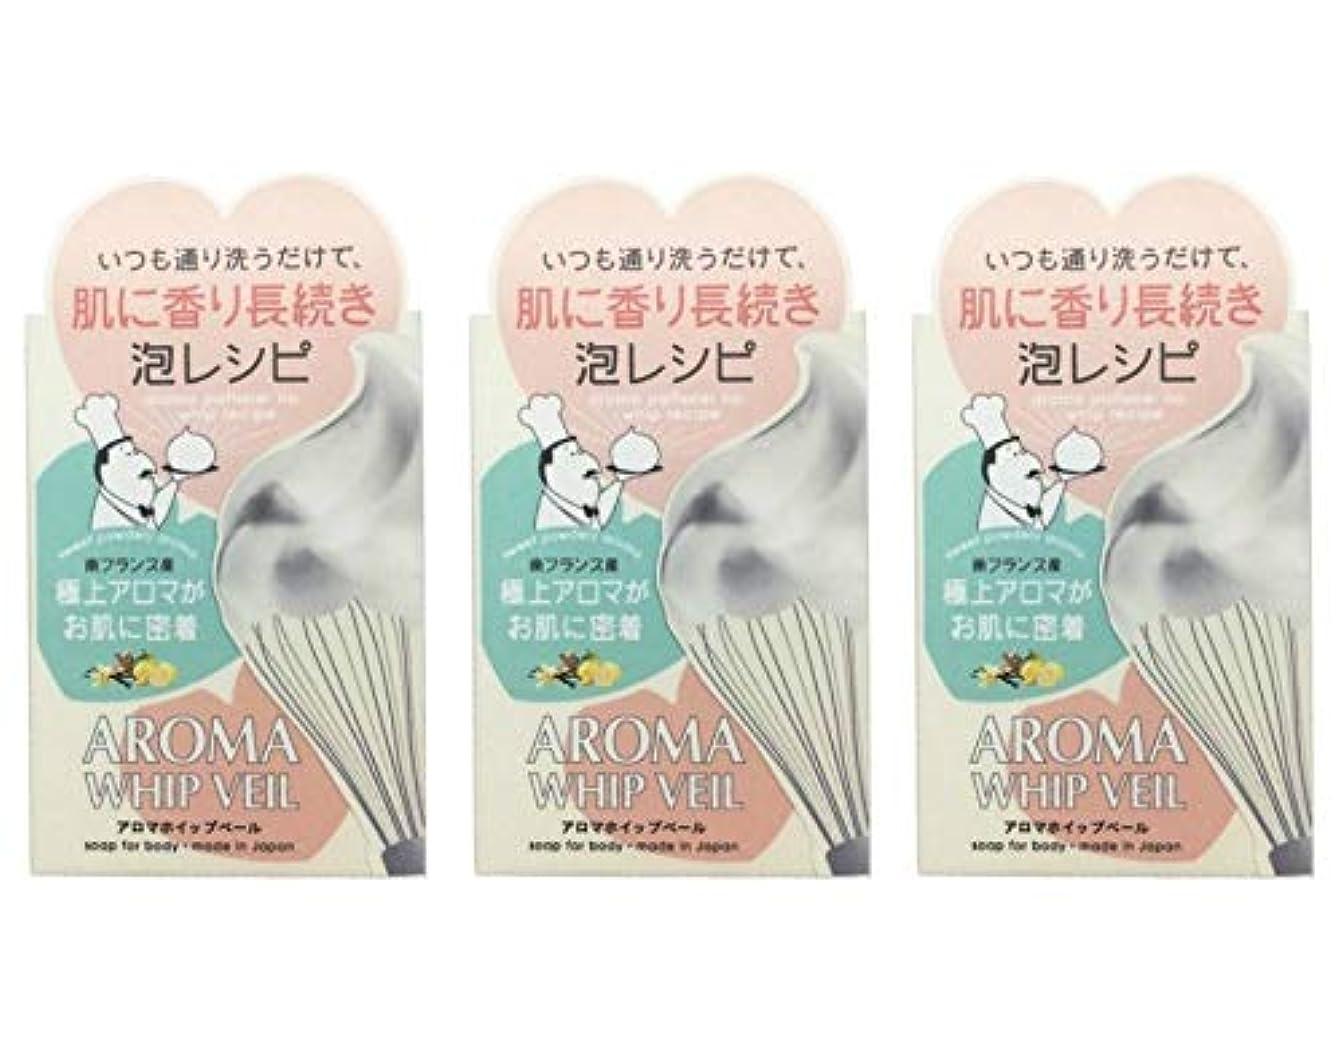 前提条件肌リテラシー【3個セット】ペリカン石鹸 アロマホイップベール石鹸 100g【3個セット】